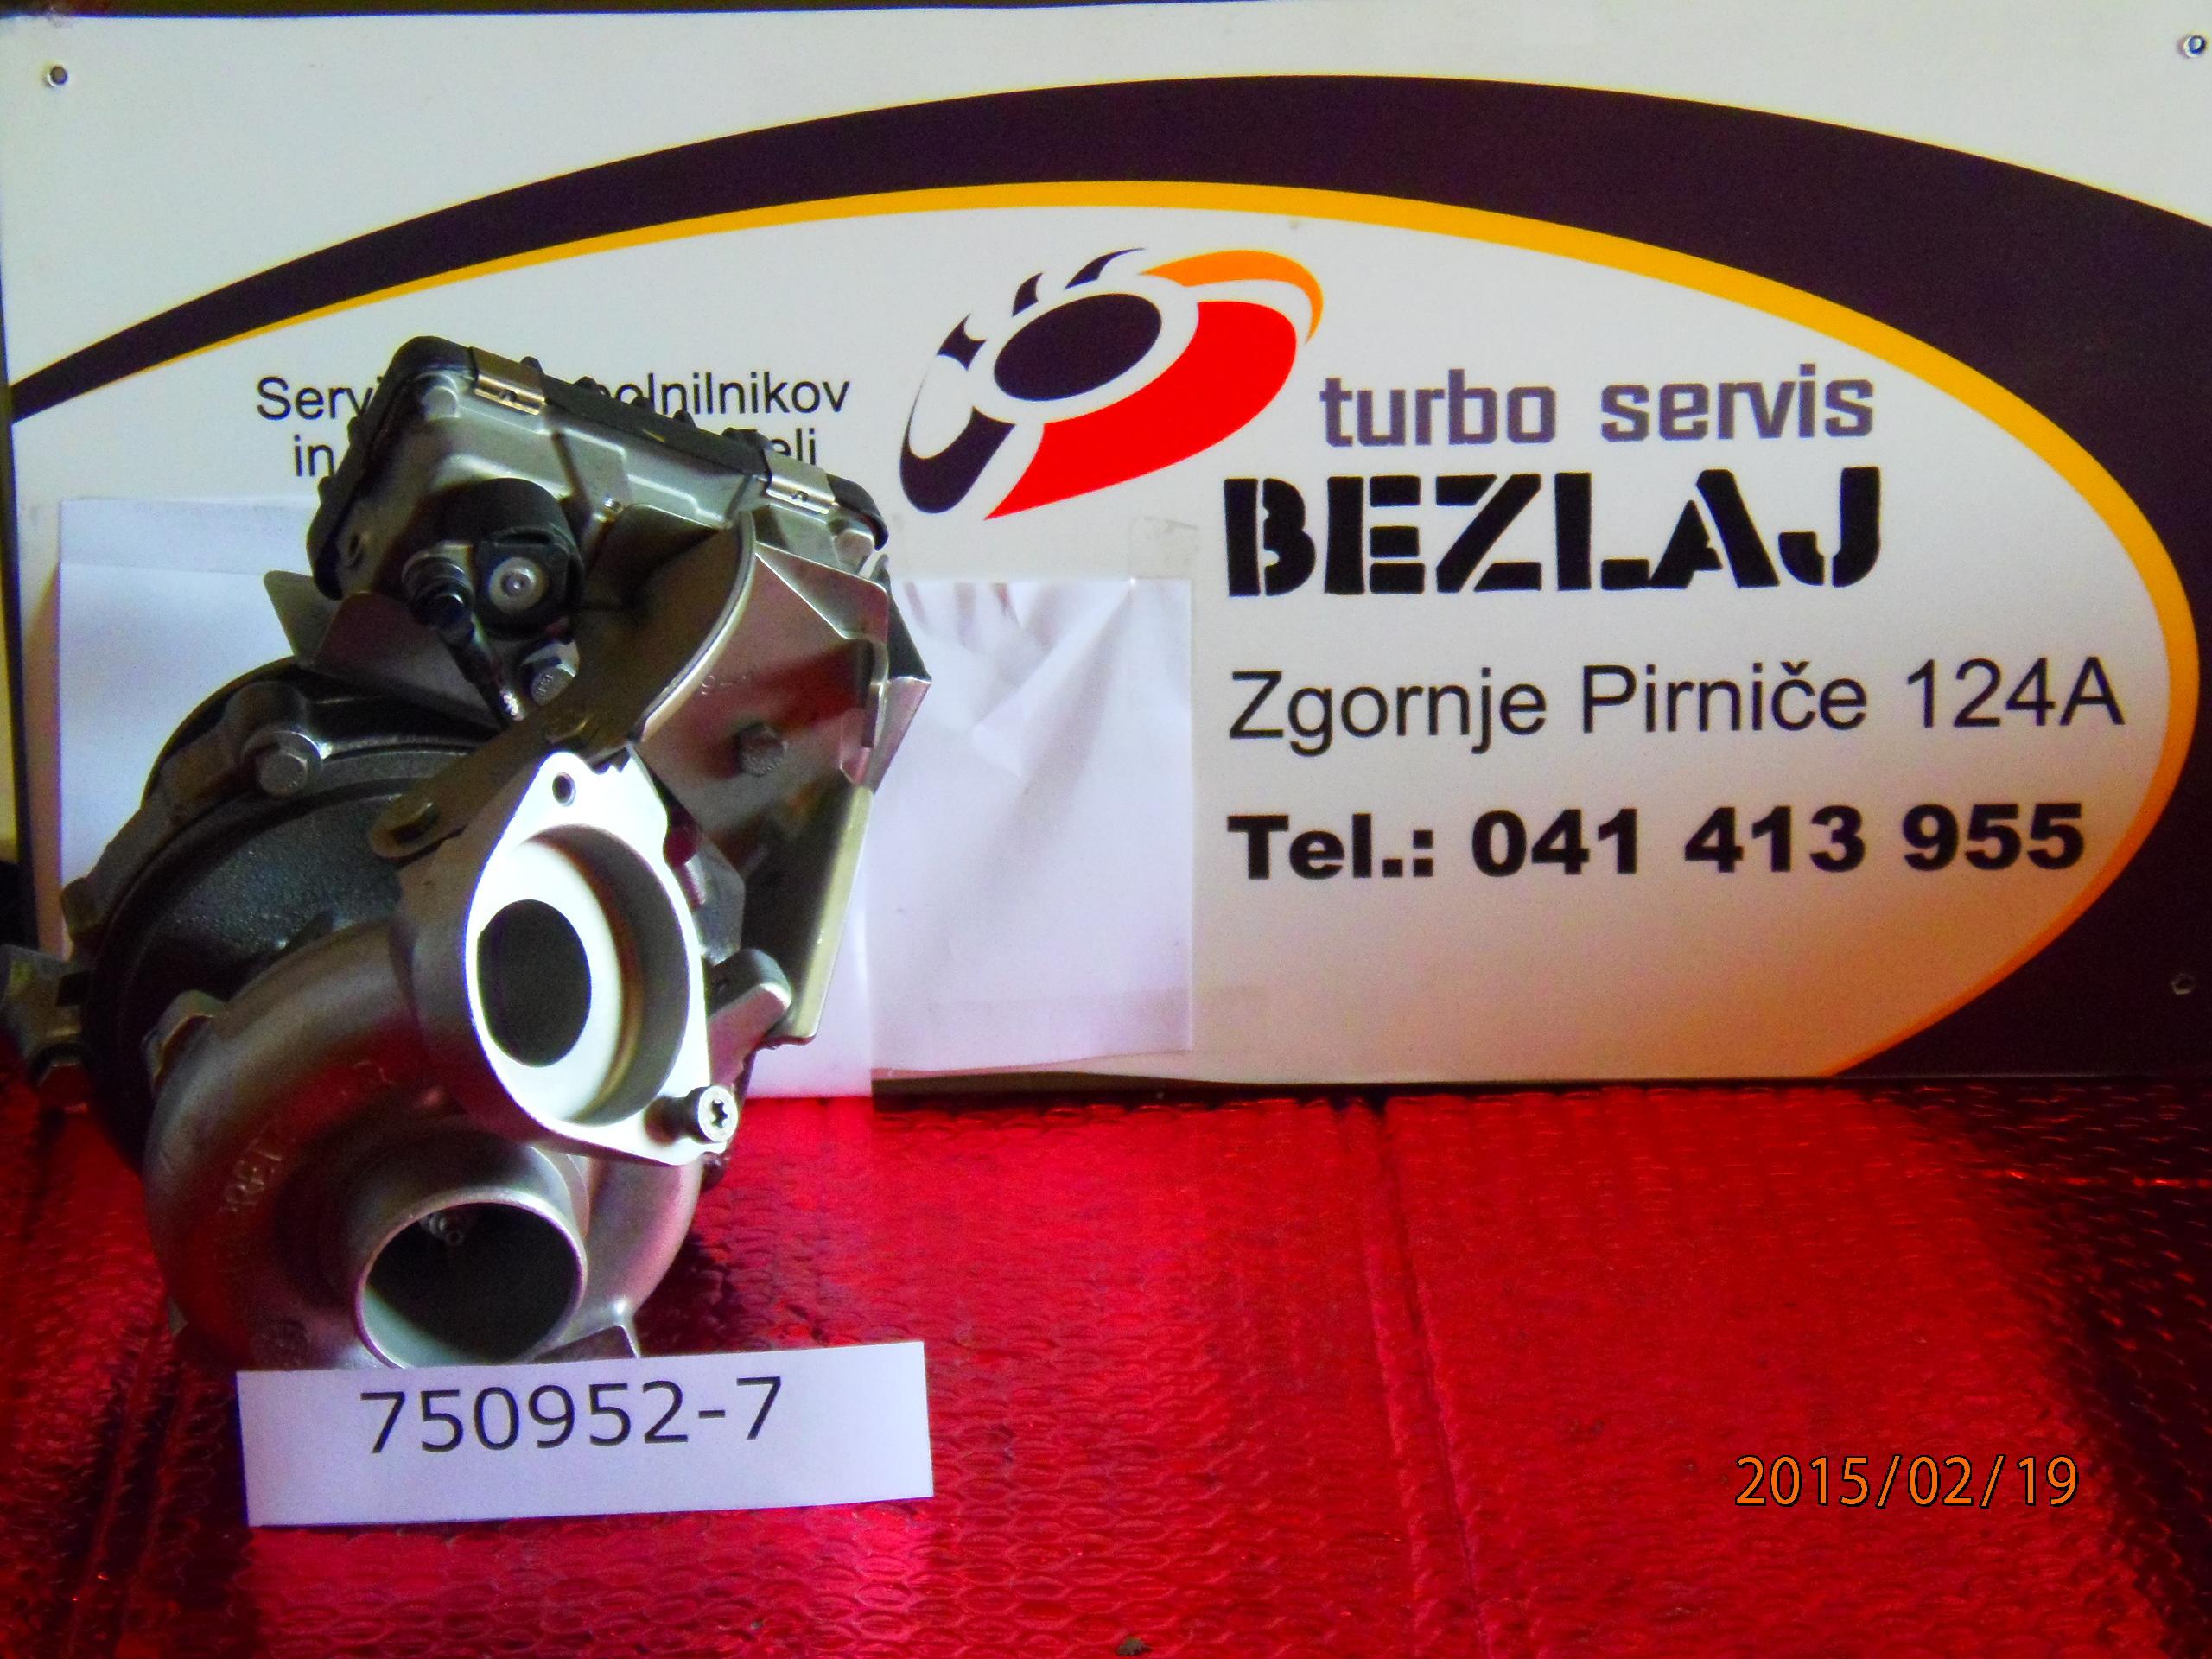 turbo750952-7 (2)